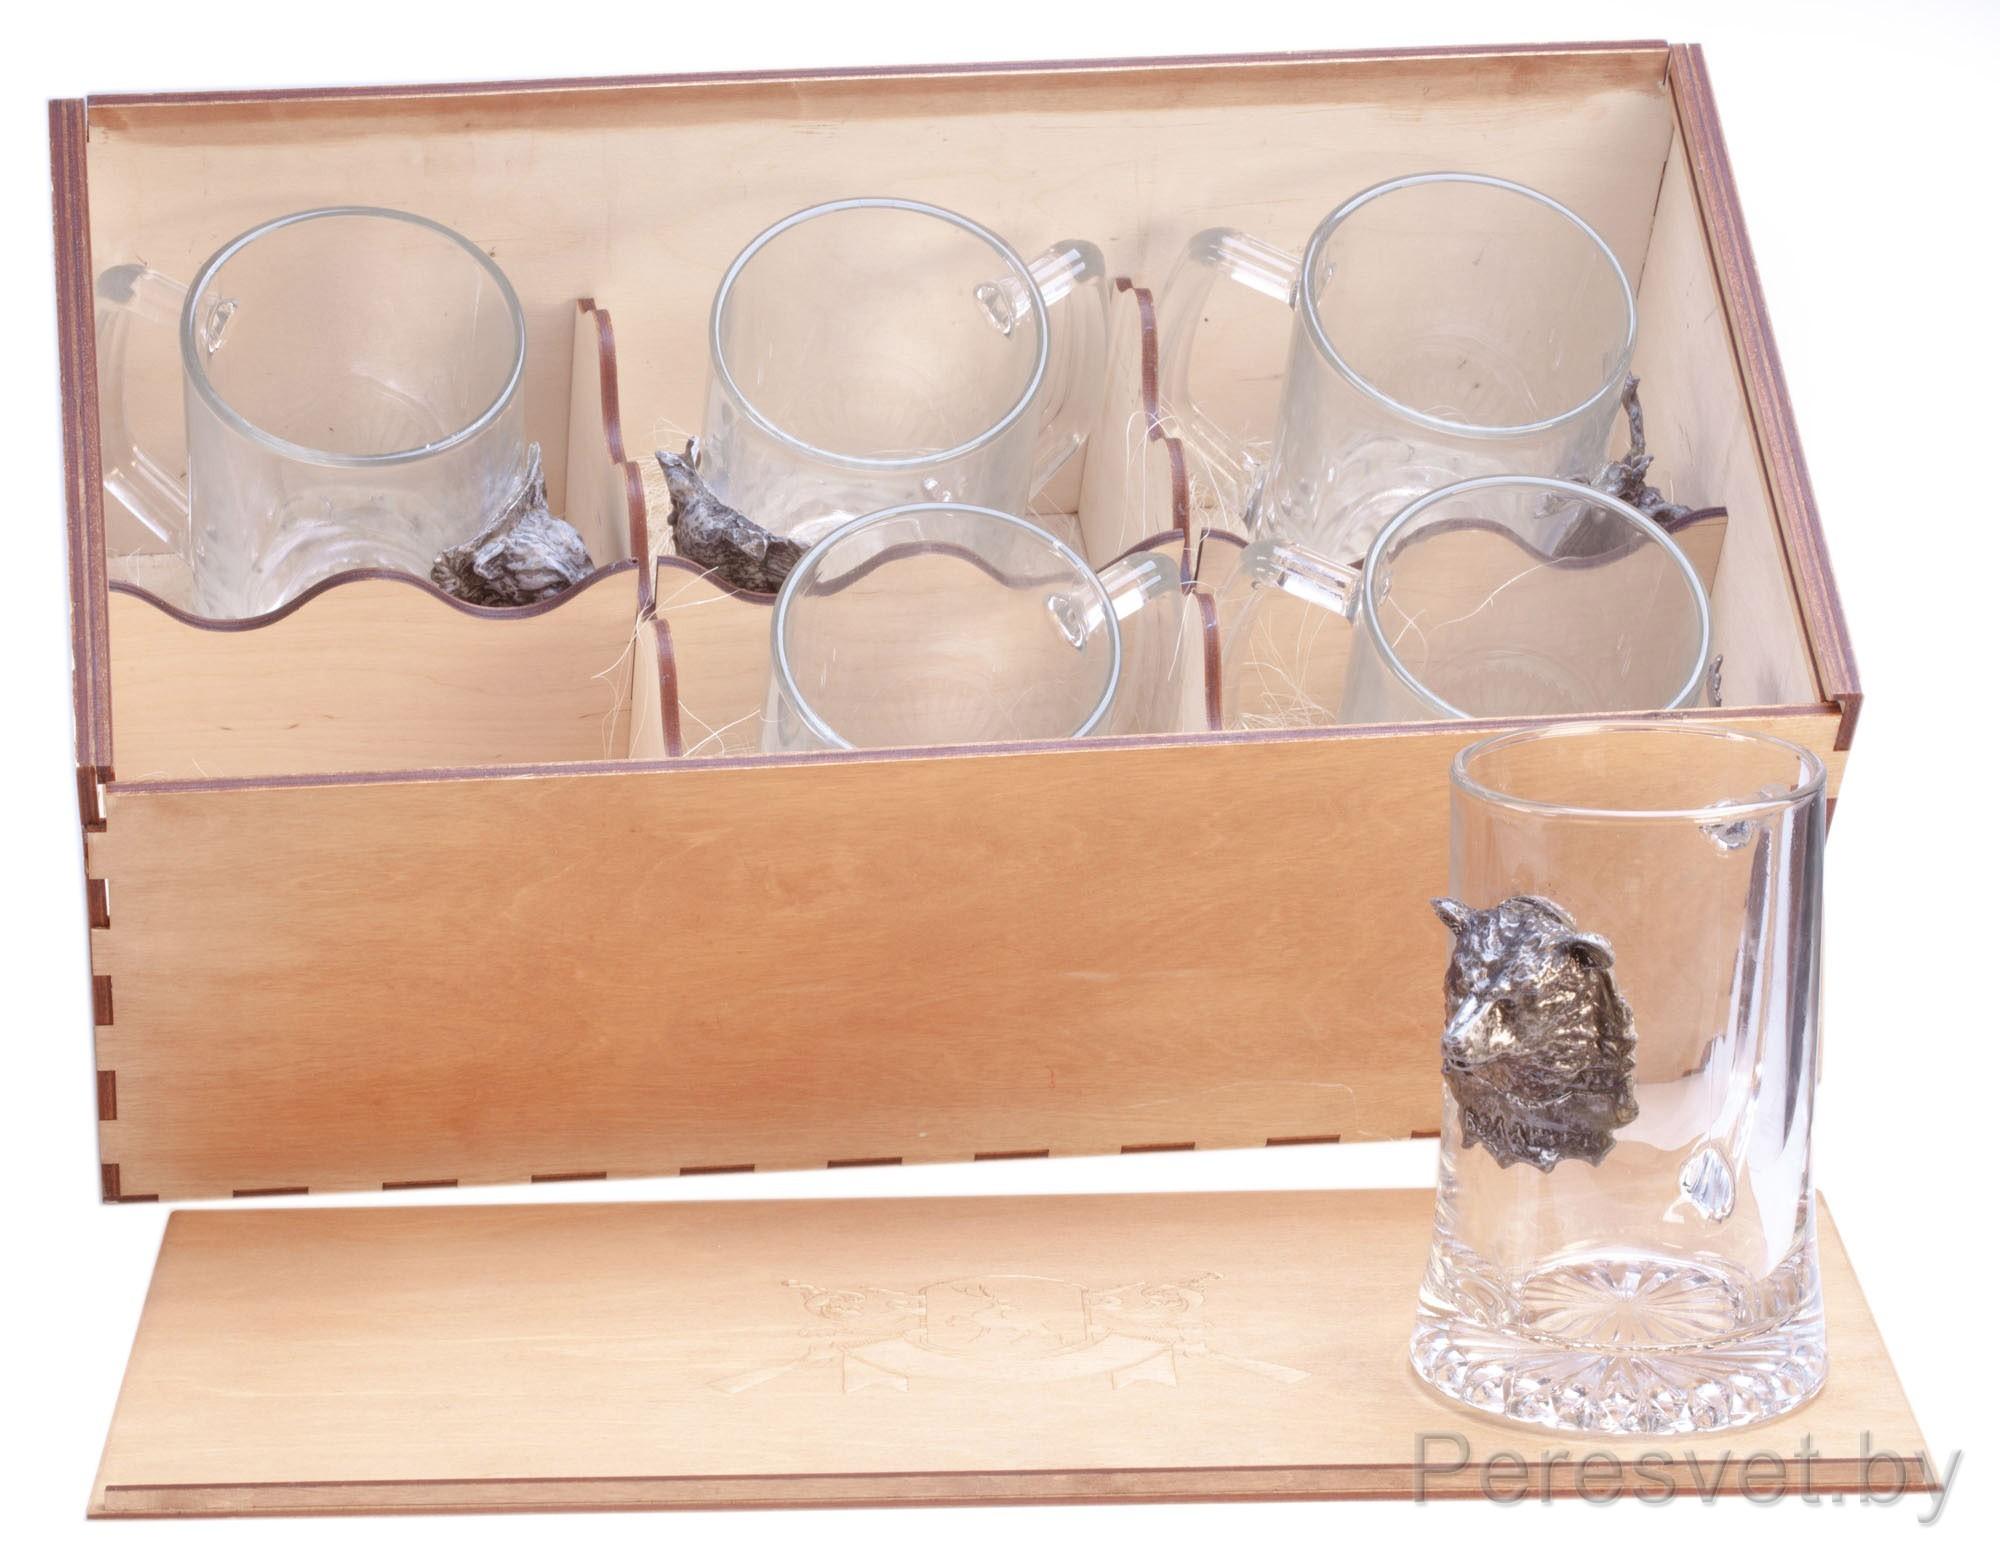 Набор бокалов для пива с художественным литьем из охотничьего набора Медведь 6 шт. на peresvet.by